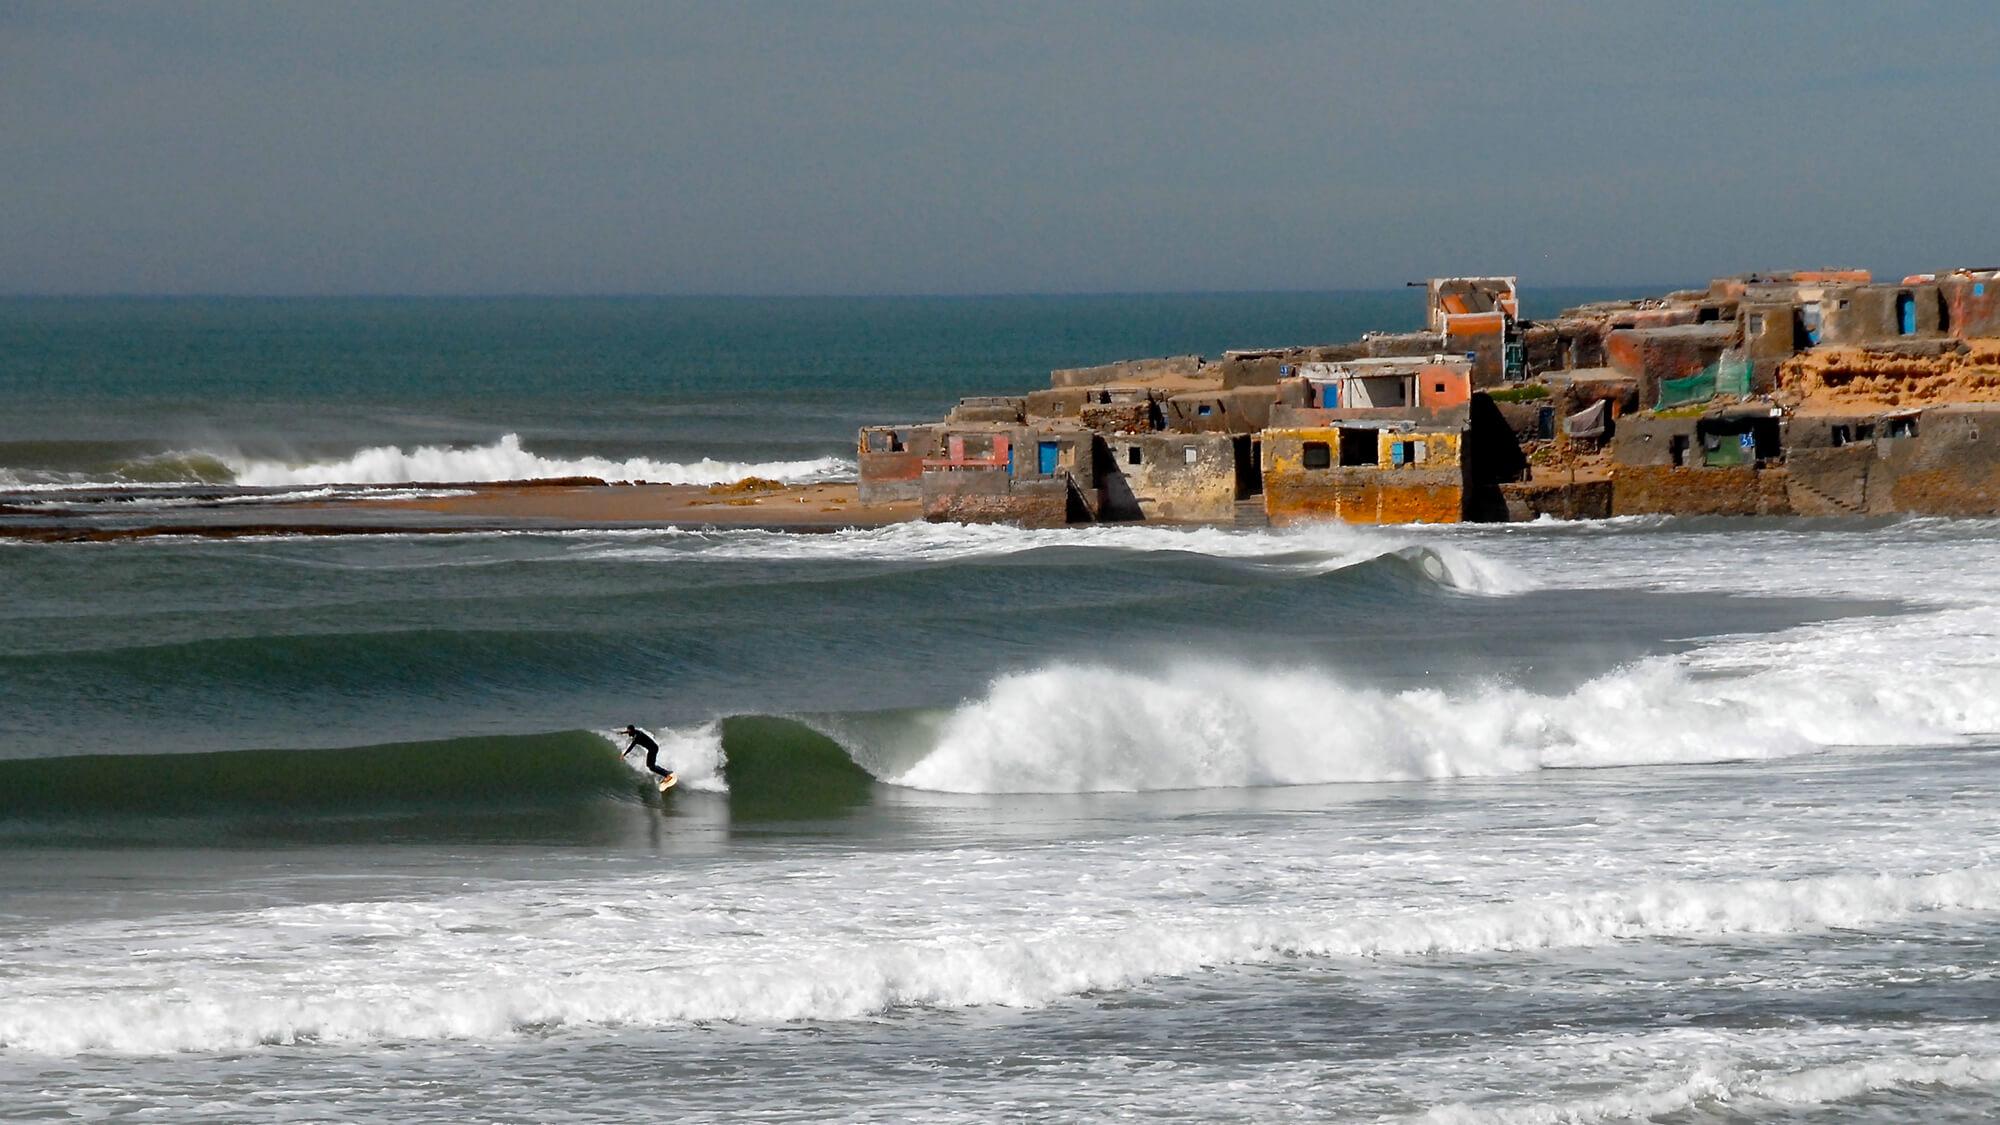 Five Amazing Adventure Activities in Morocco - Surfing